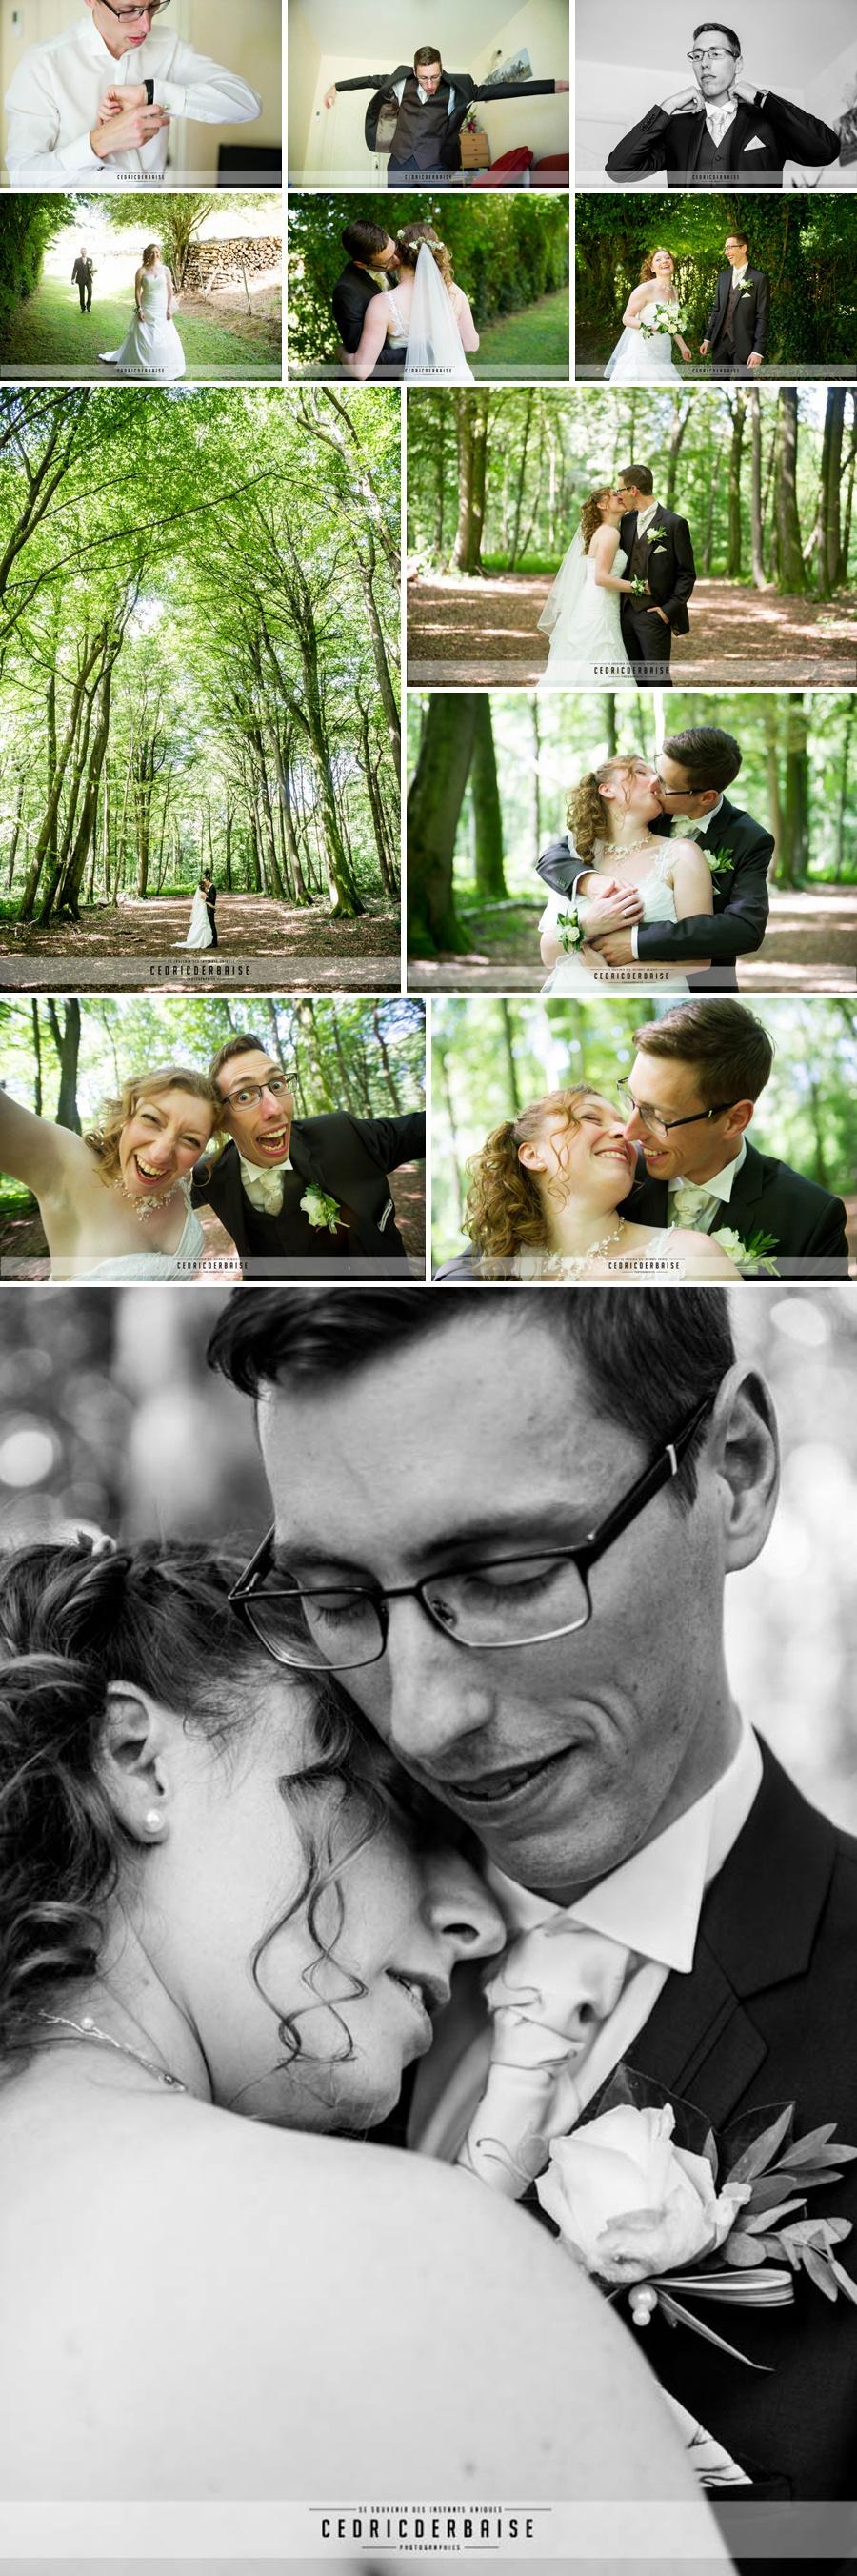 Photographe mariage beauvais-photo-de-couple-mariés